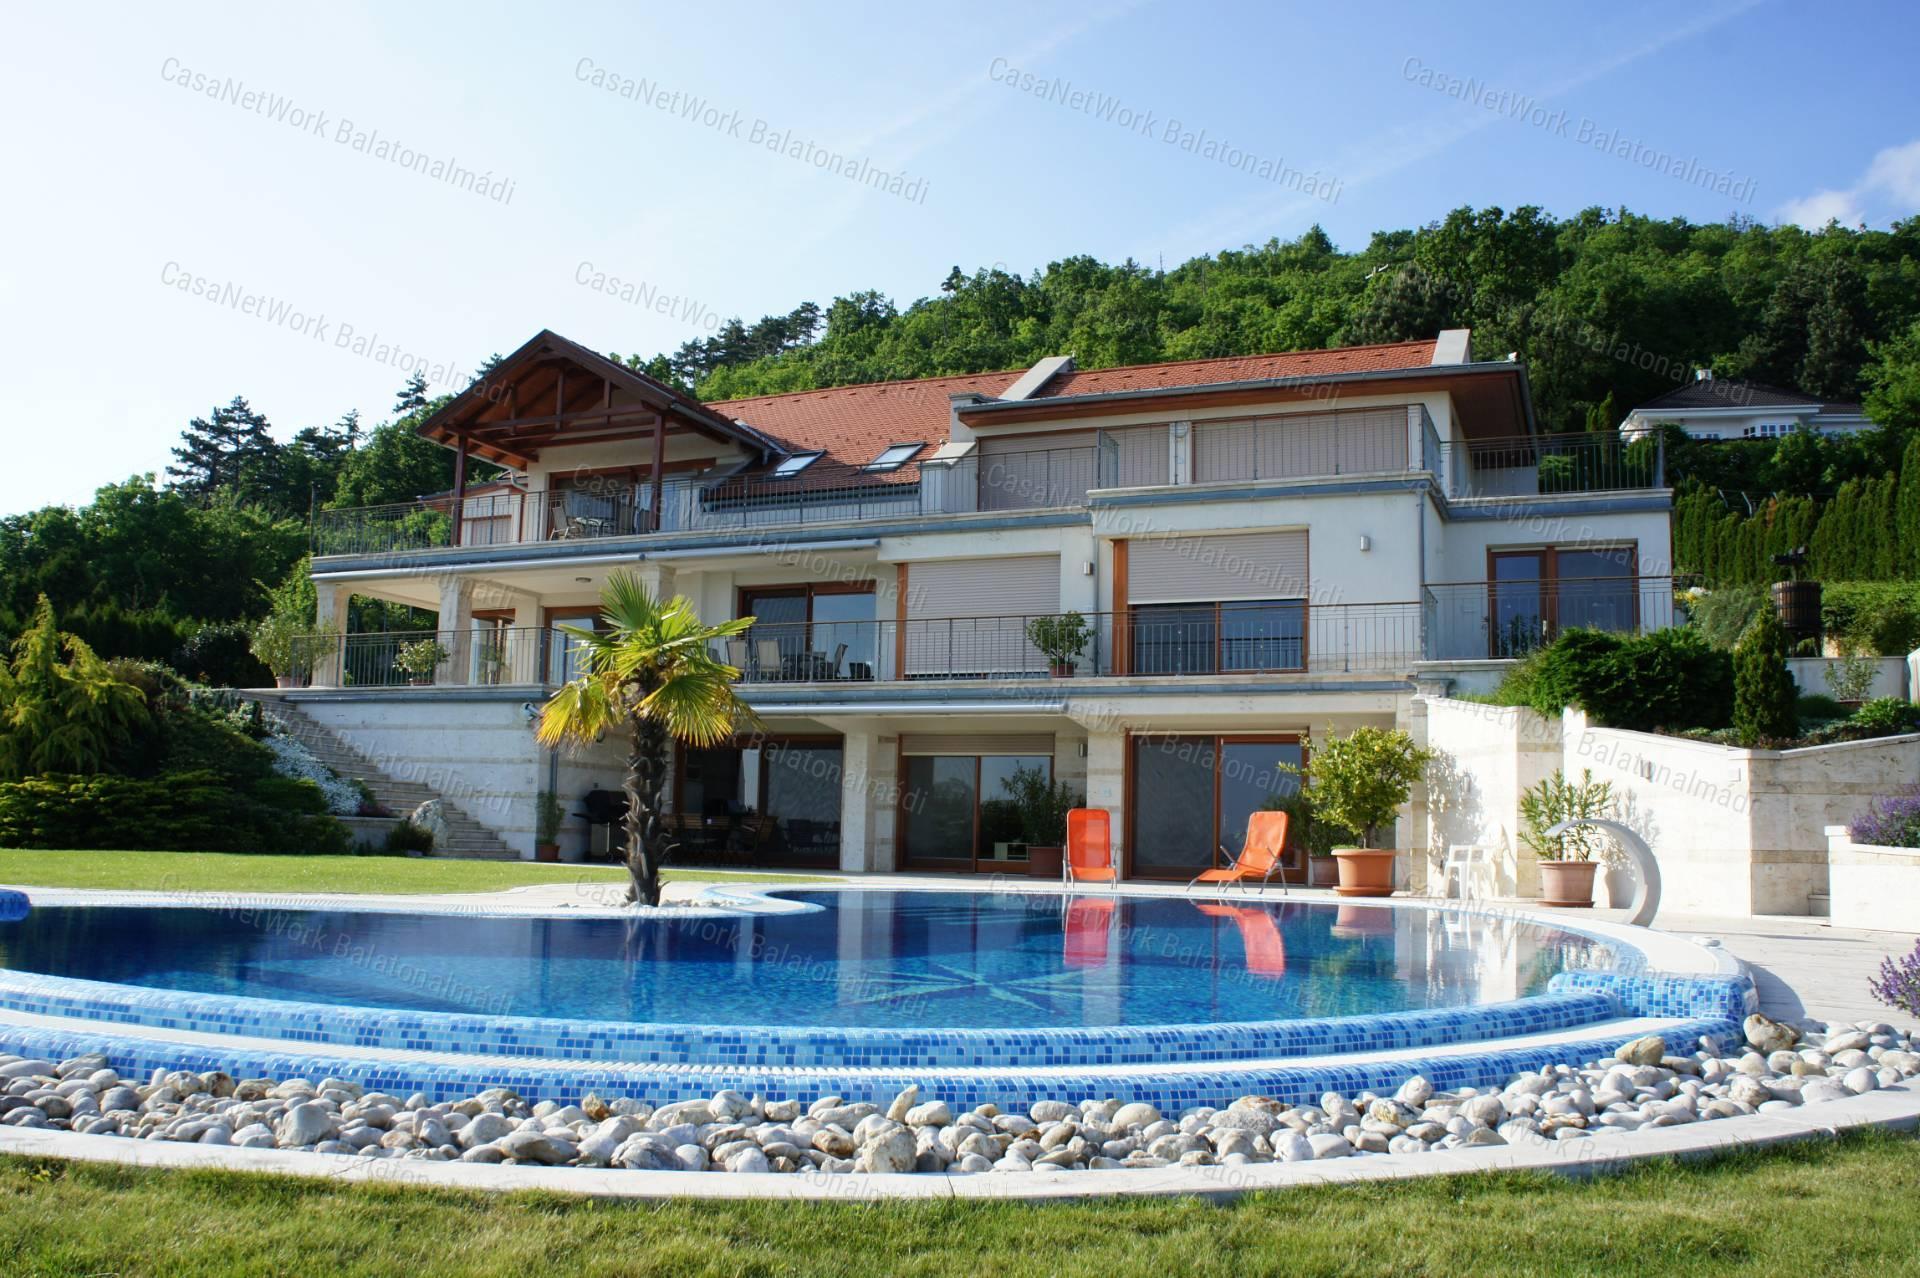 Eladó családi ház, Veszprém megye, Balatonfüred (Balatonarács) - sz.: 163700894 - CasaNetWork.hu